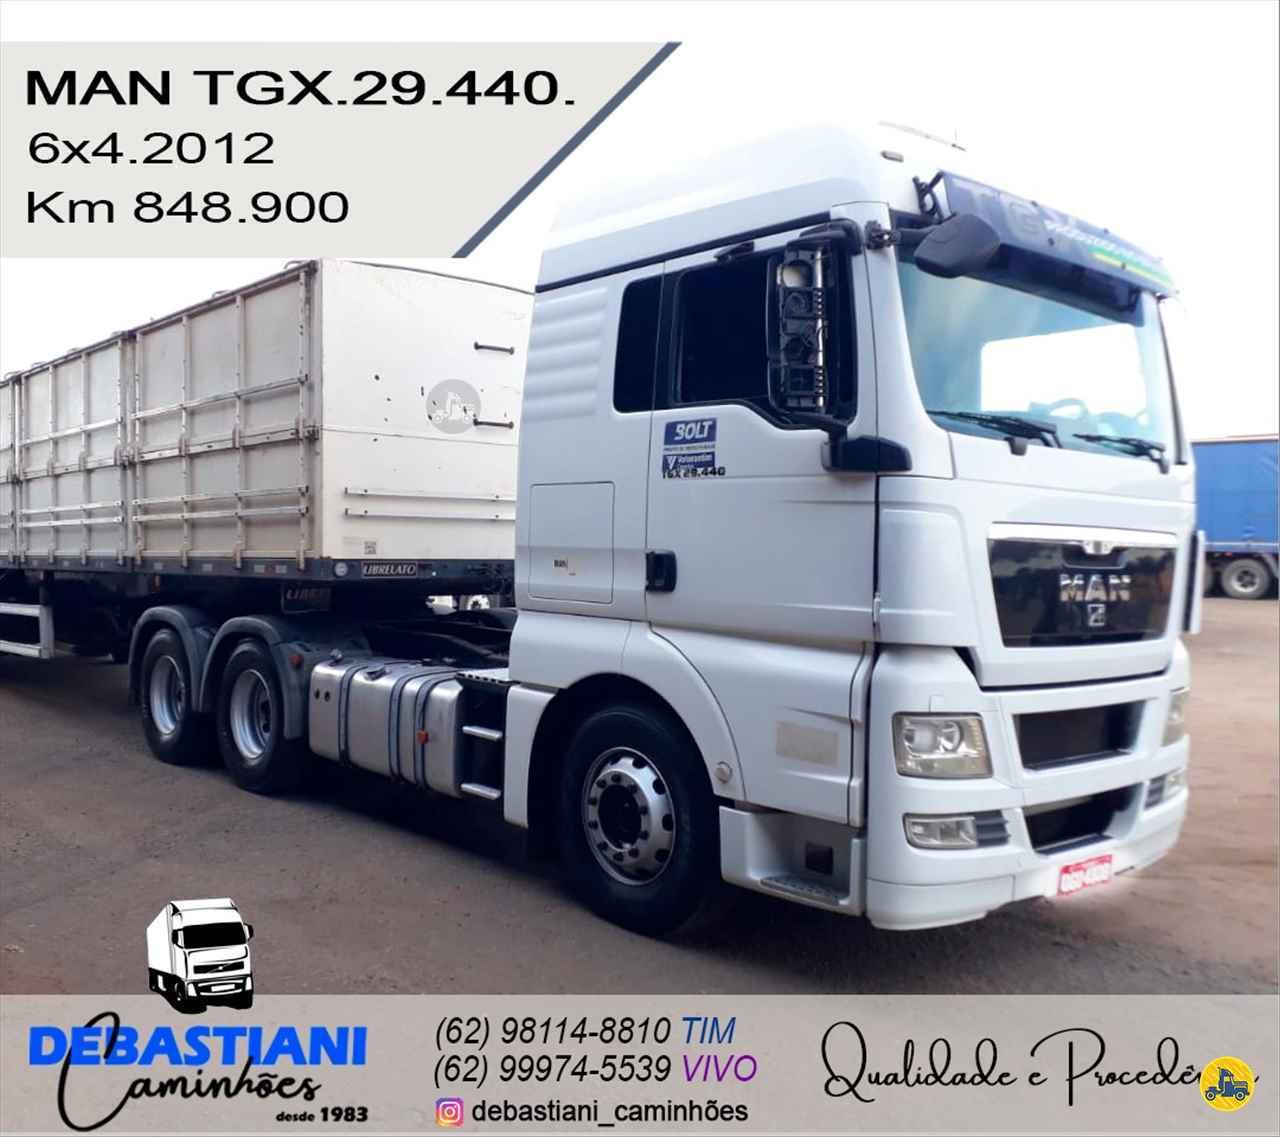 CAMINHAO MAN TGX 29 440 Cavalo Mecânico Traçado 6x4 Debastiani Caminhões ANAPOLIS GOIAS GO